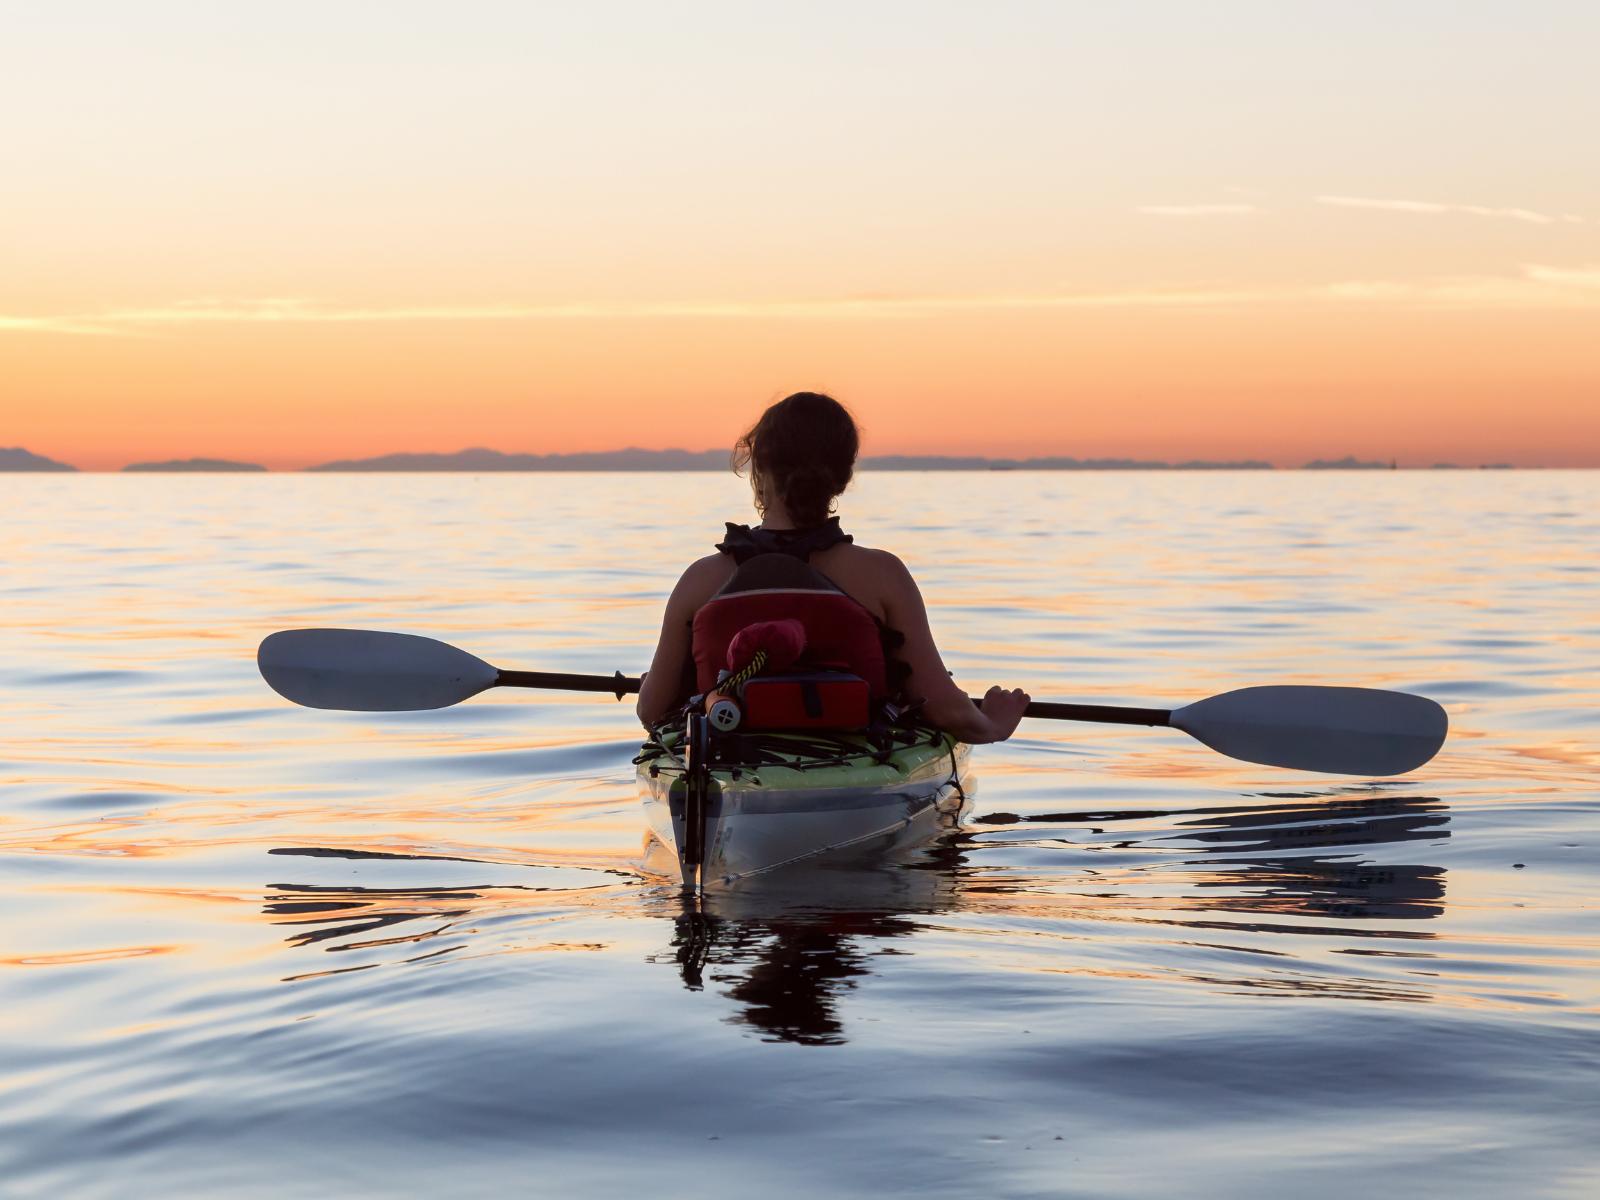 charleston-sc-kayaking woman in kayak on he water watching sunset